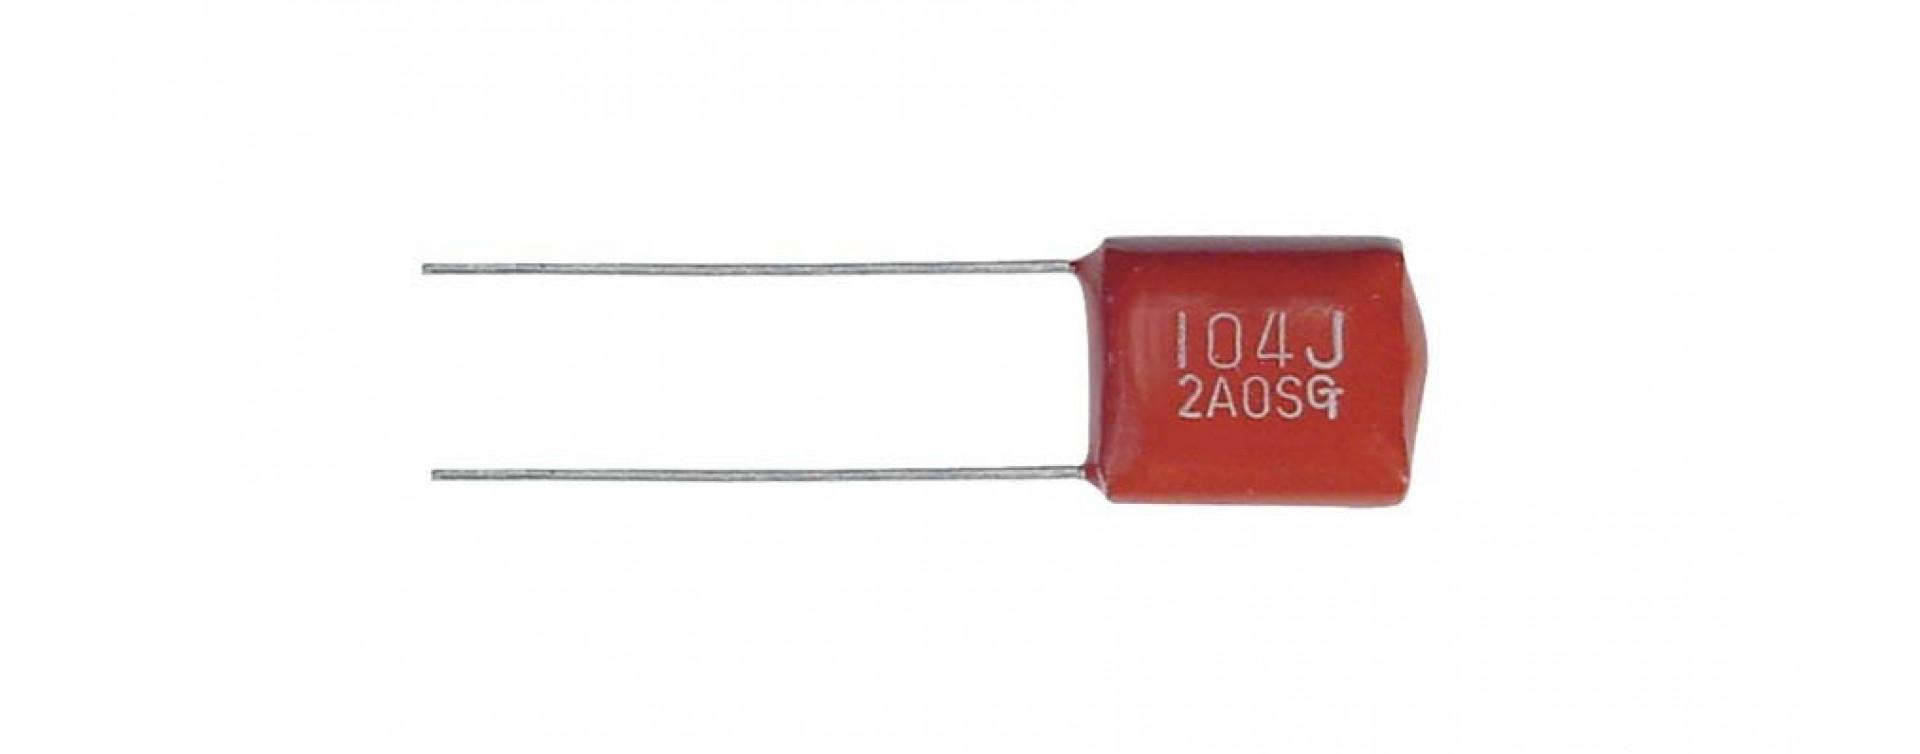 Kondenzátory - kapacitátory